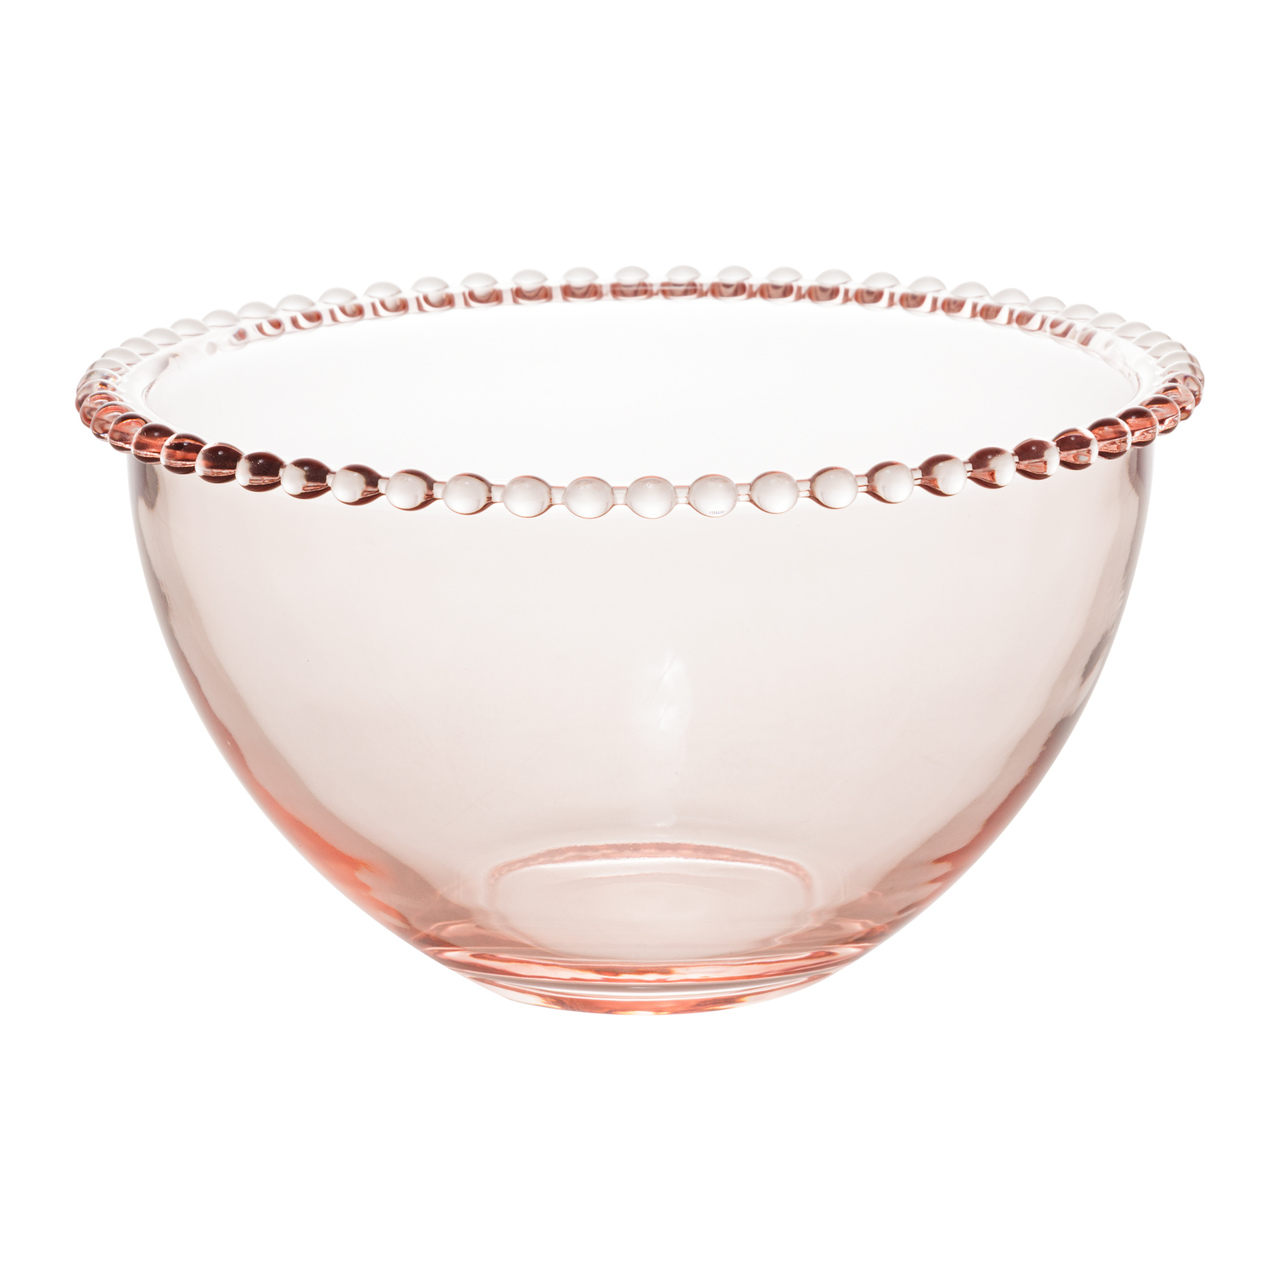 Jogo 4 bowls 14 cm para sobremesa de cristal rosa Pearl Wolff - 28442